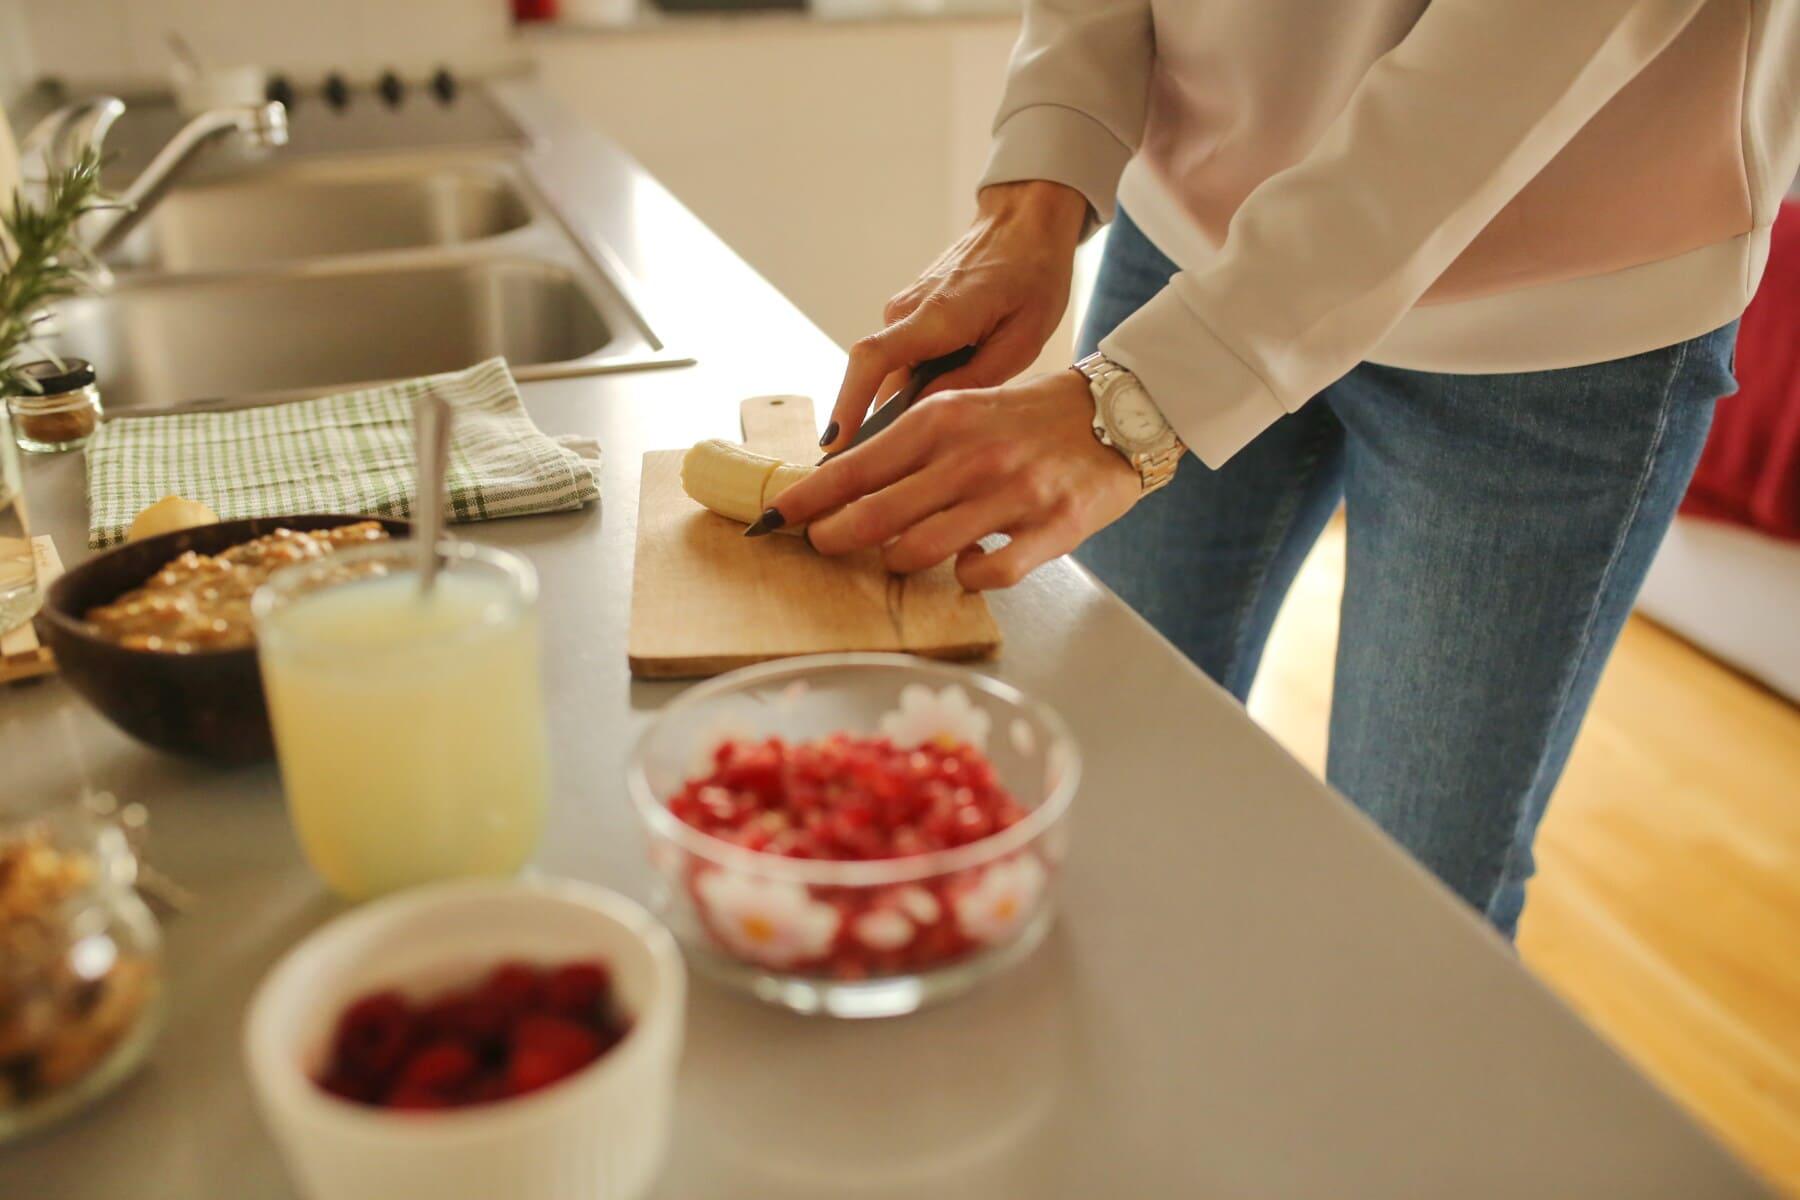 Frühstück, Vorbereitung, Küchentisch, Küche, Chief, Essen, drinnen, Mahlzeit, Messer, Frau